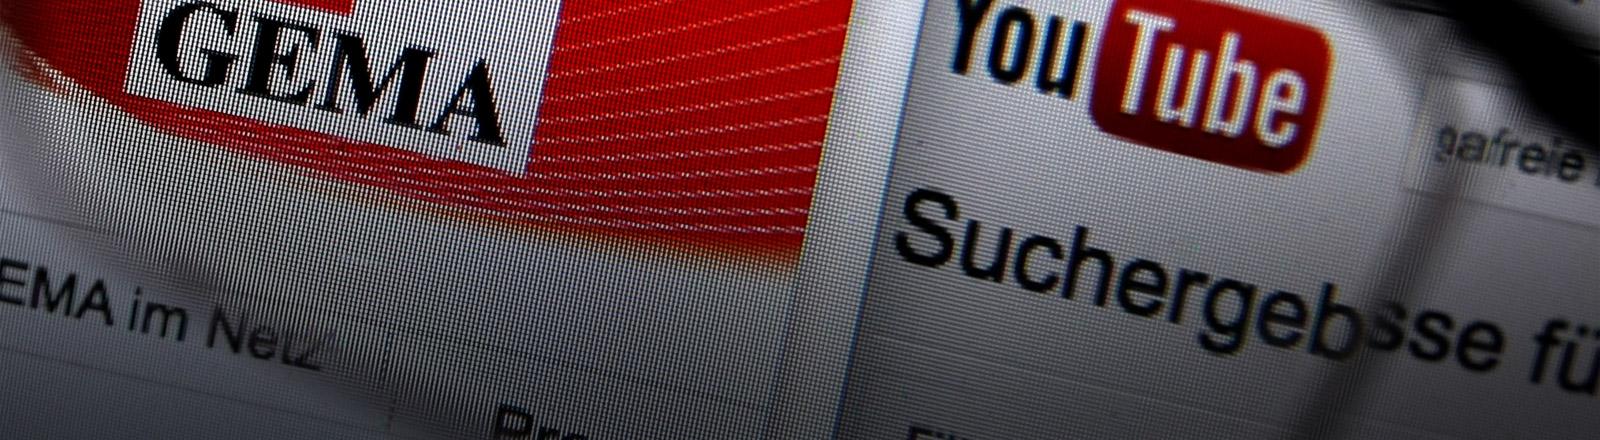 Das Gema- und Youtube-Logo von einem Bildschirm abfotografiert